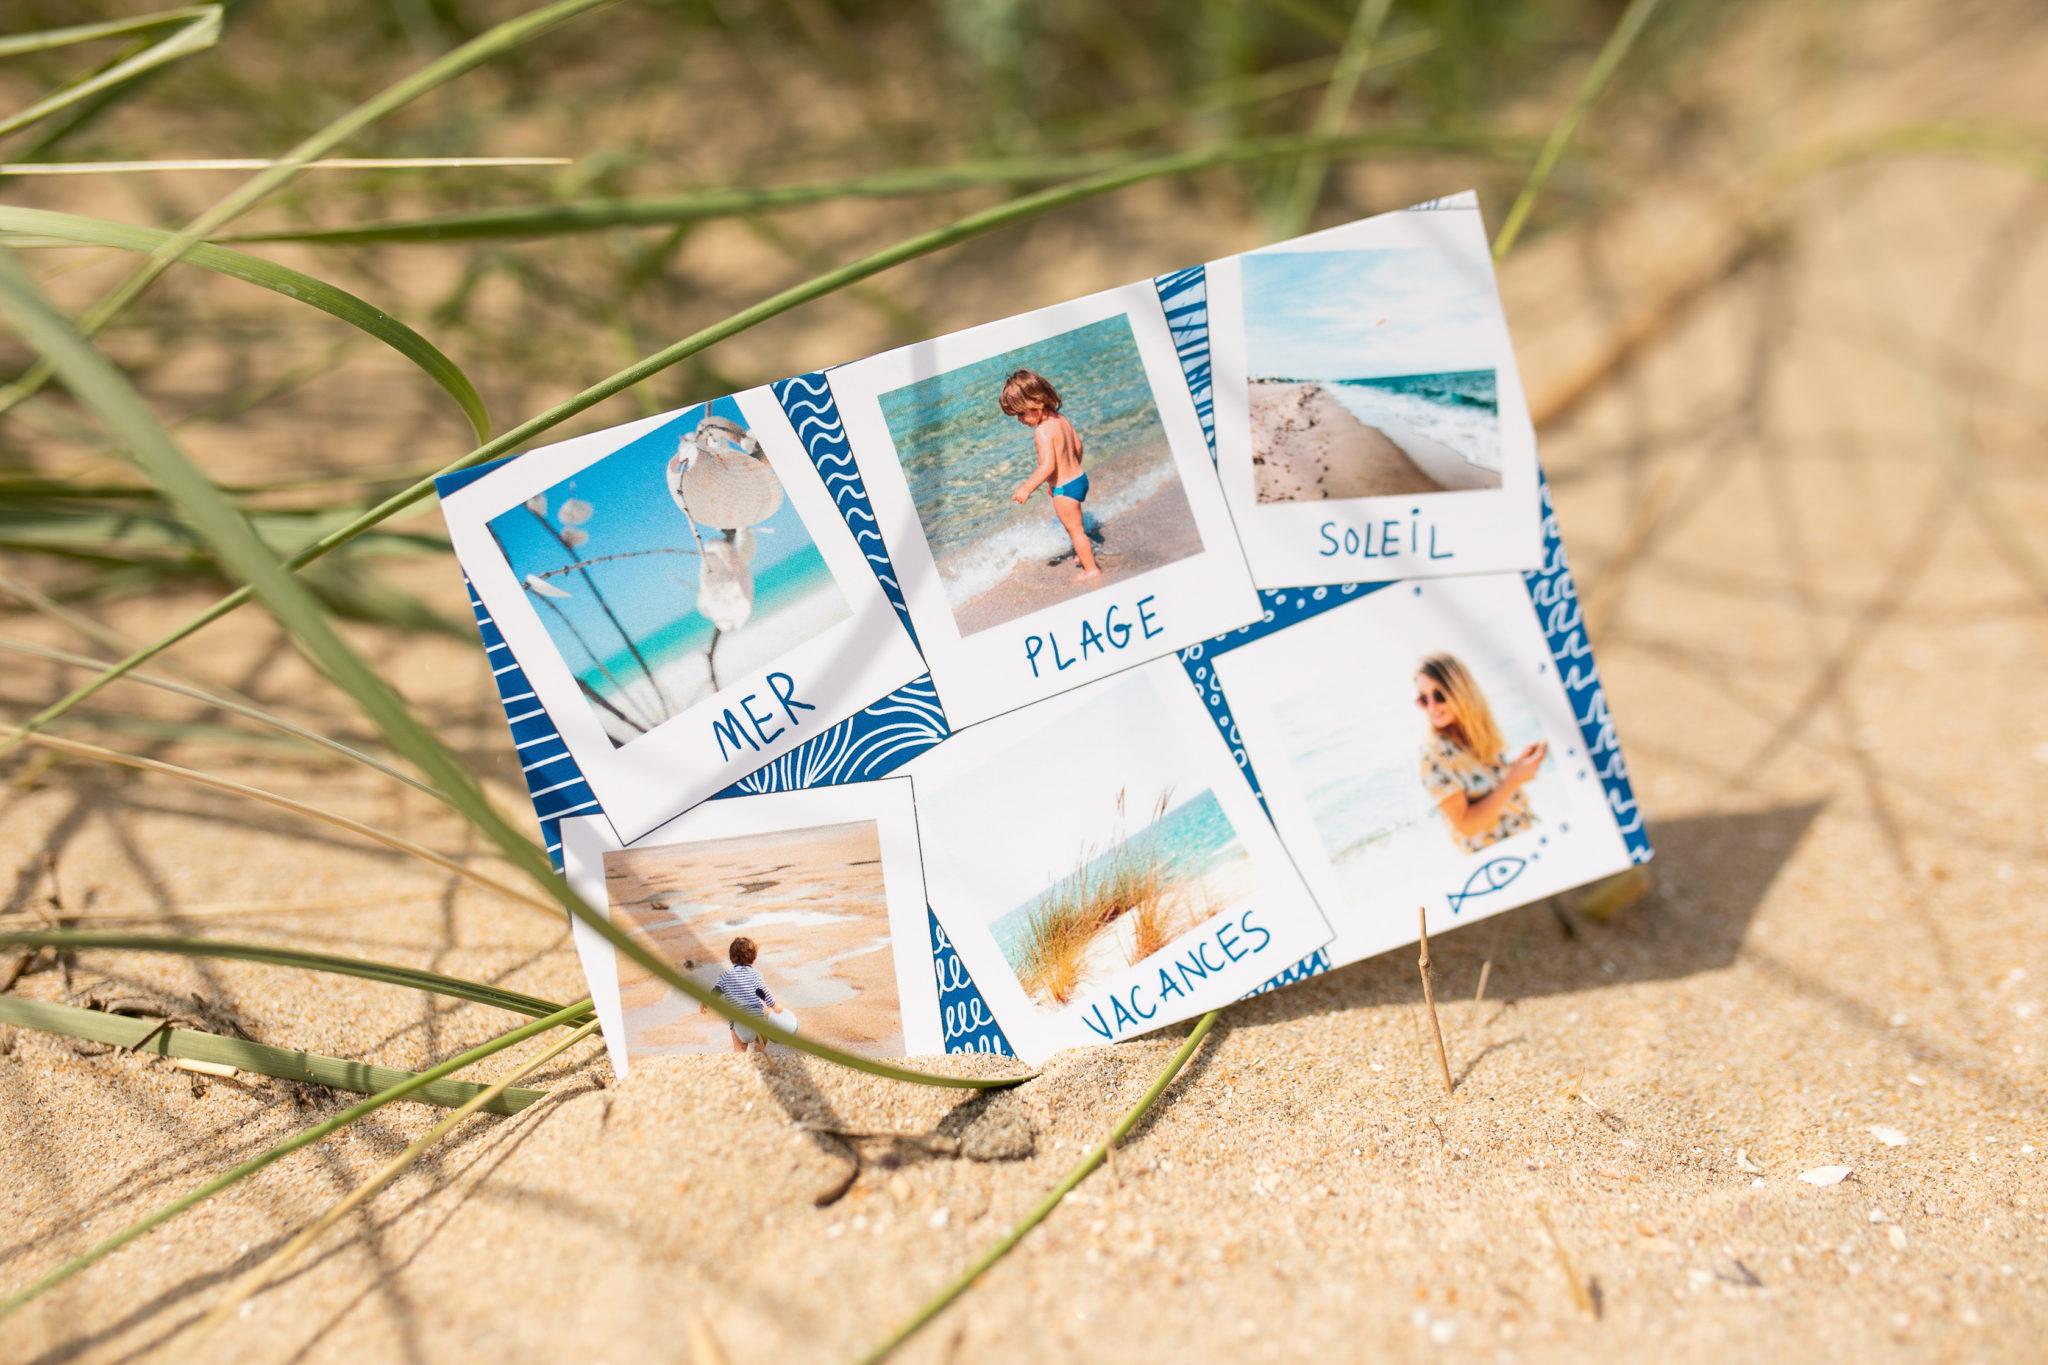 Cartes postales illustrées de l'été à la plage